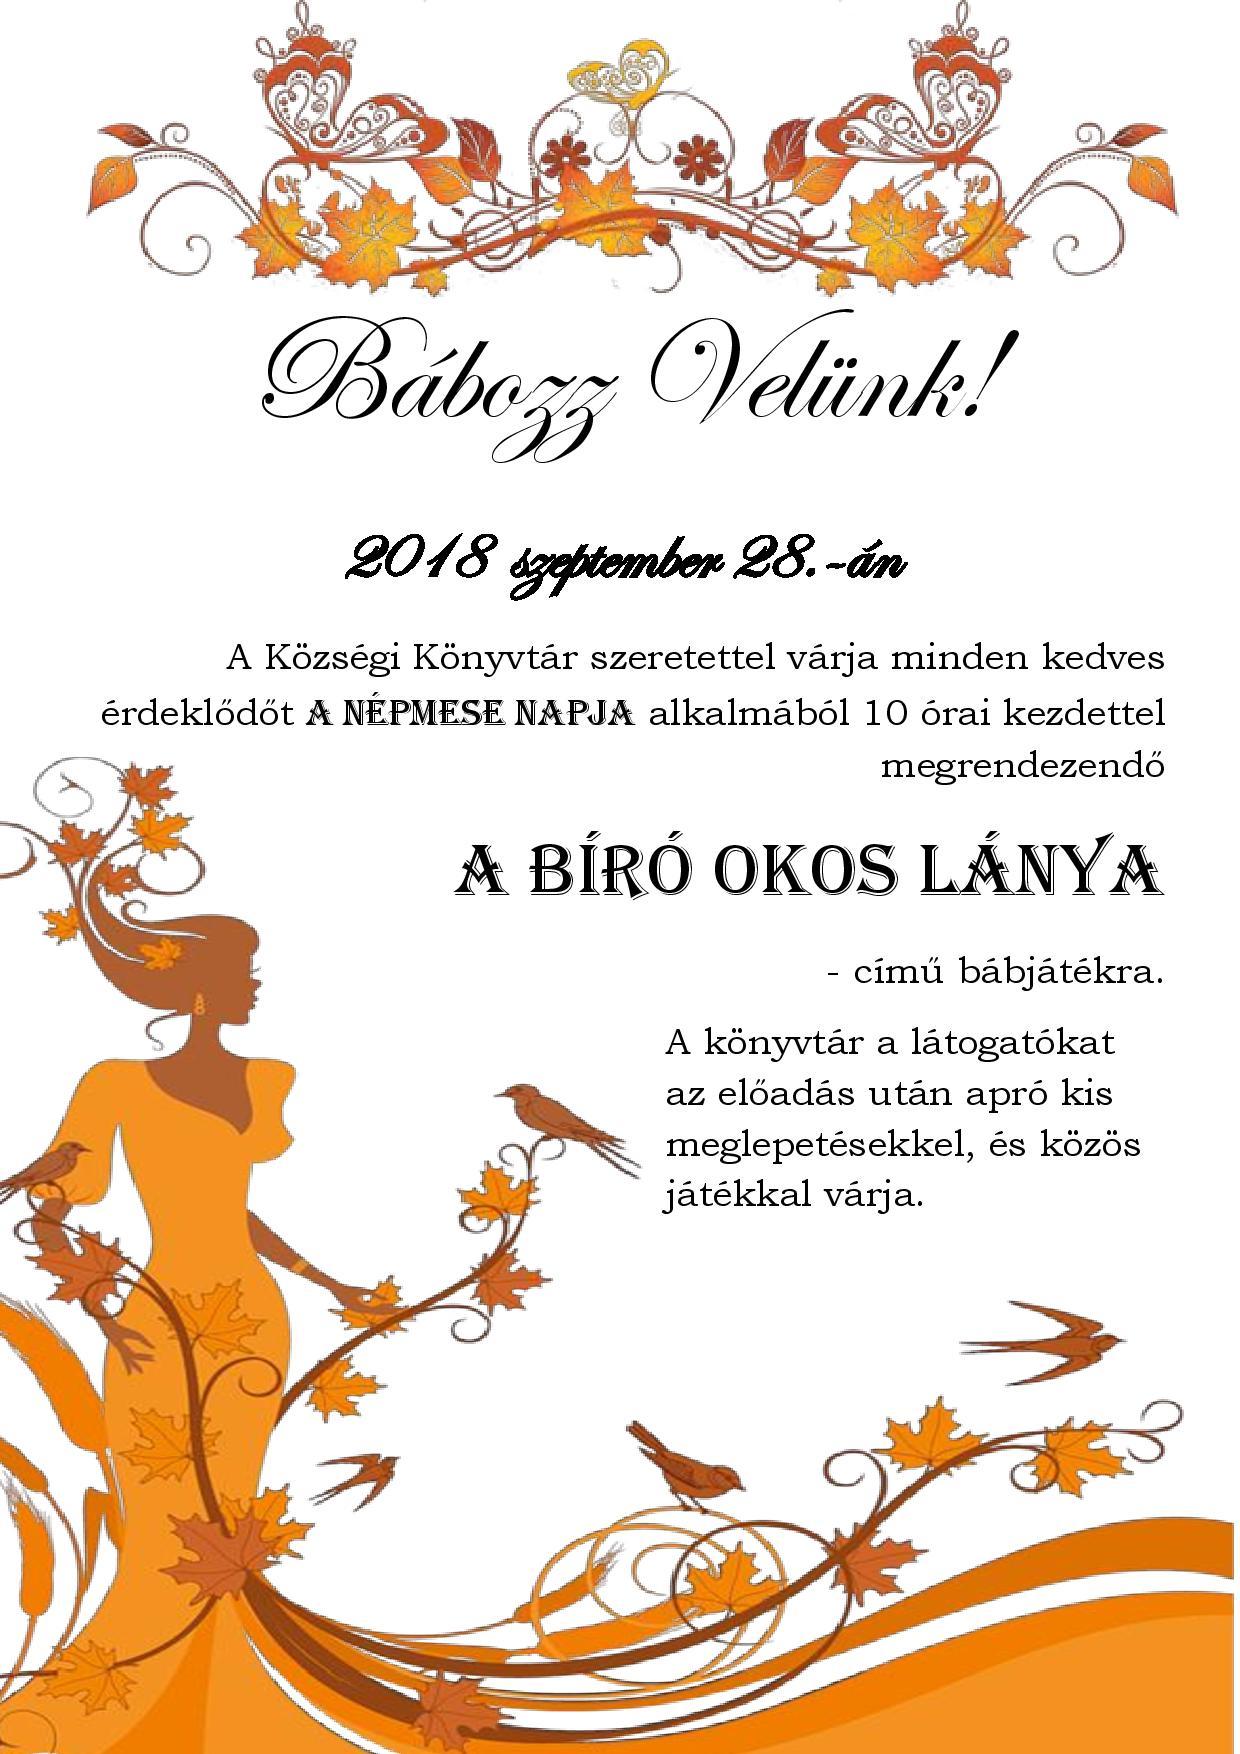 Bábozz Velünk - Nagyari Könyvtár-page-001